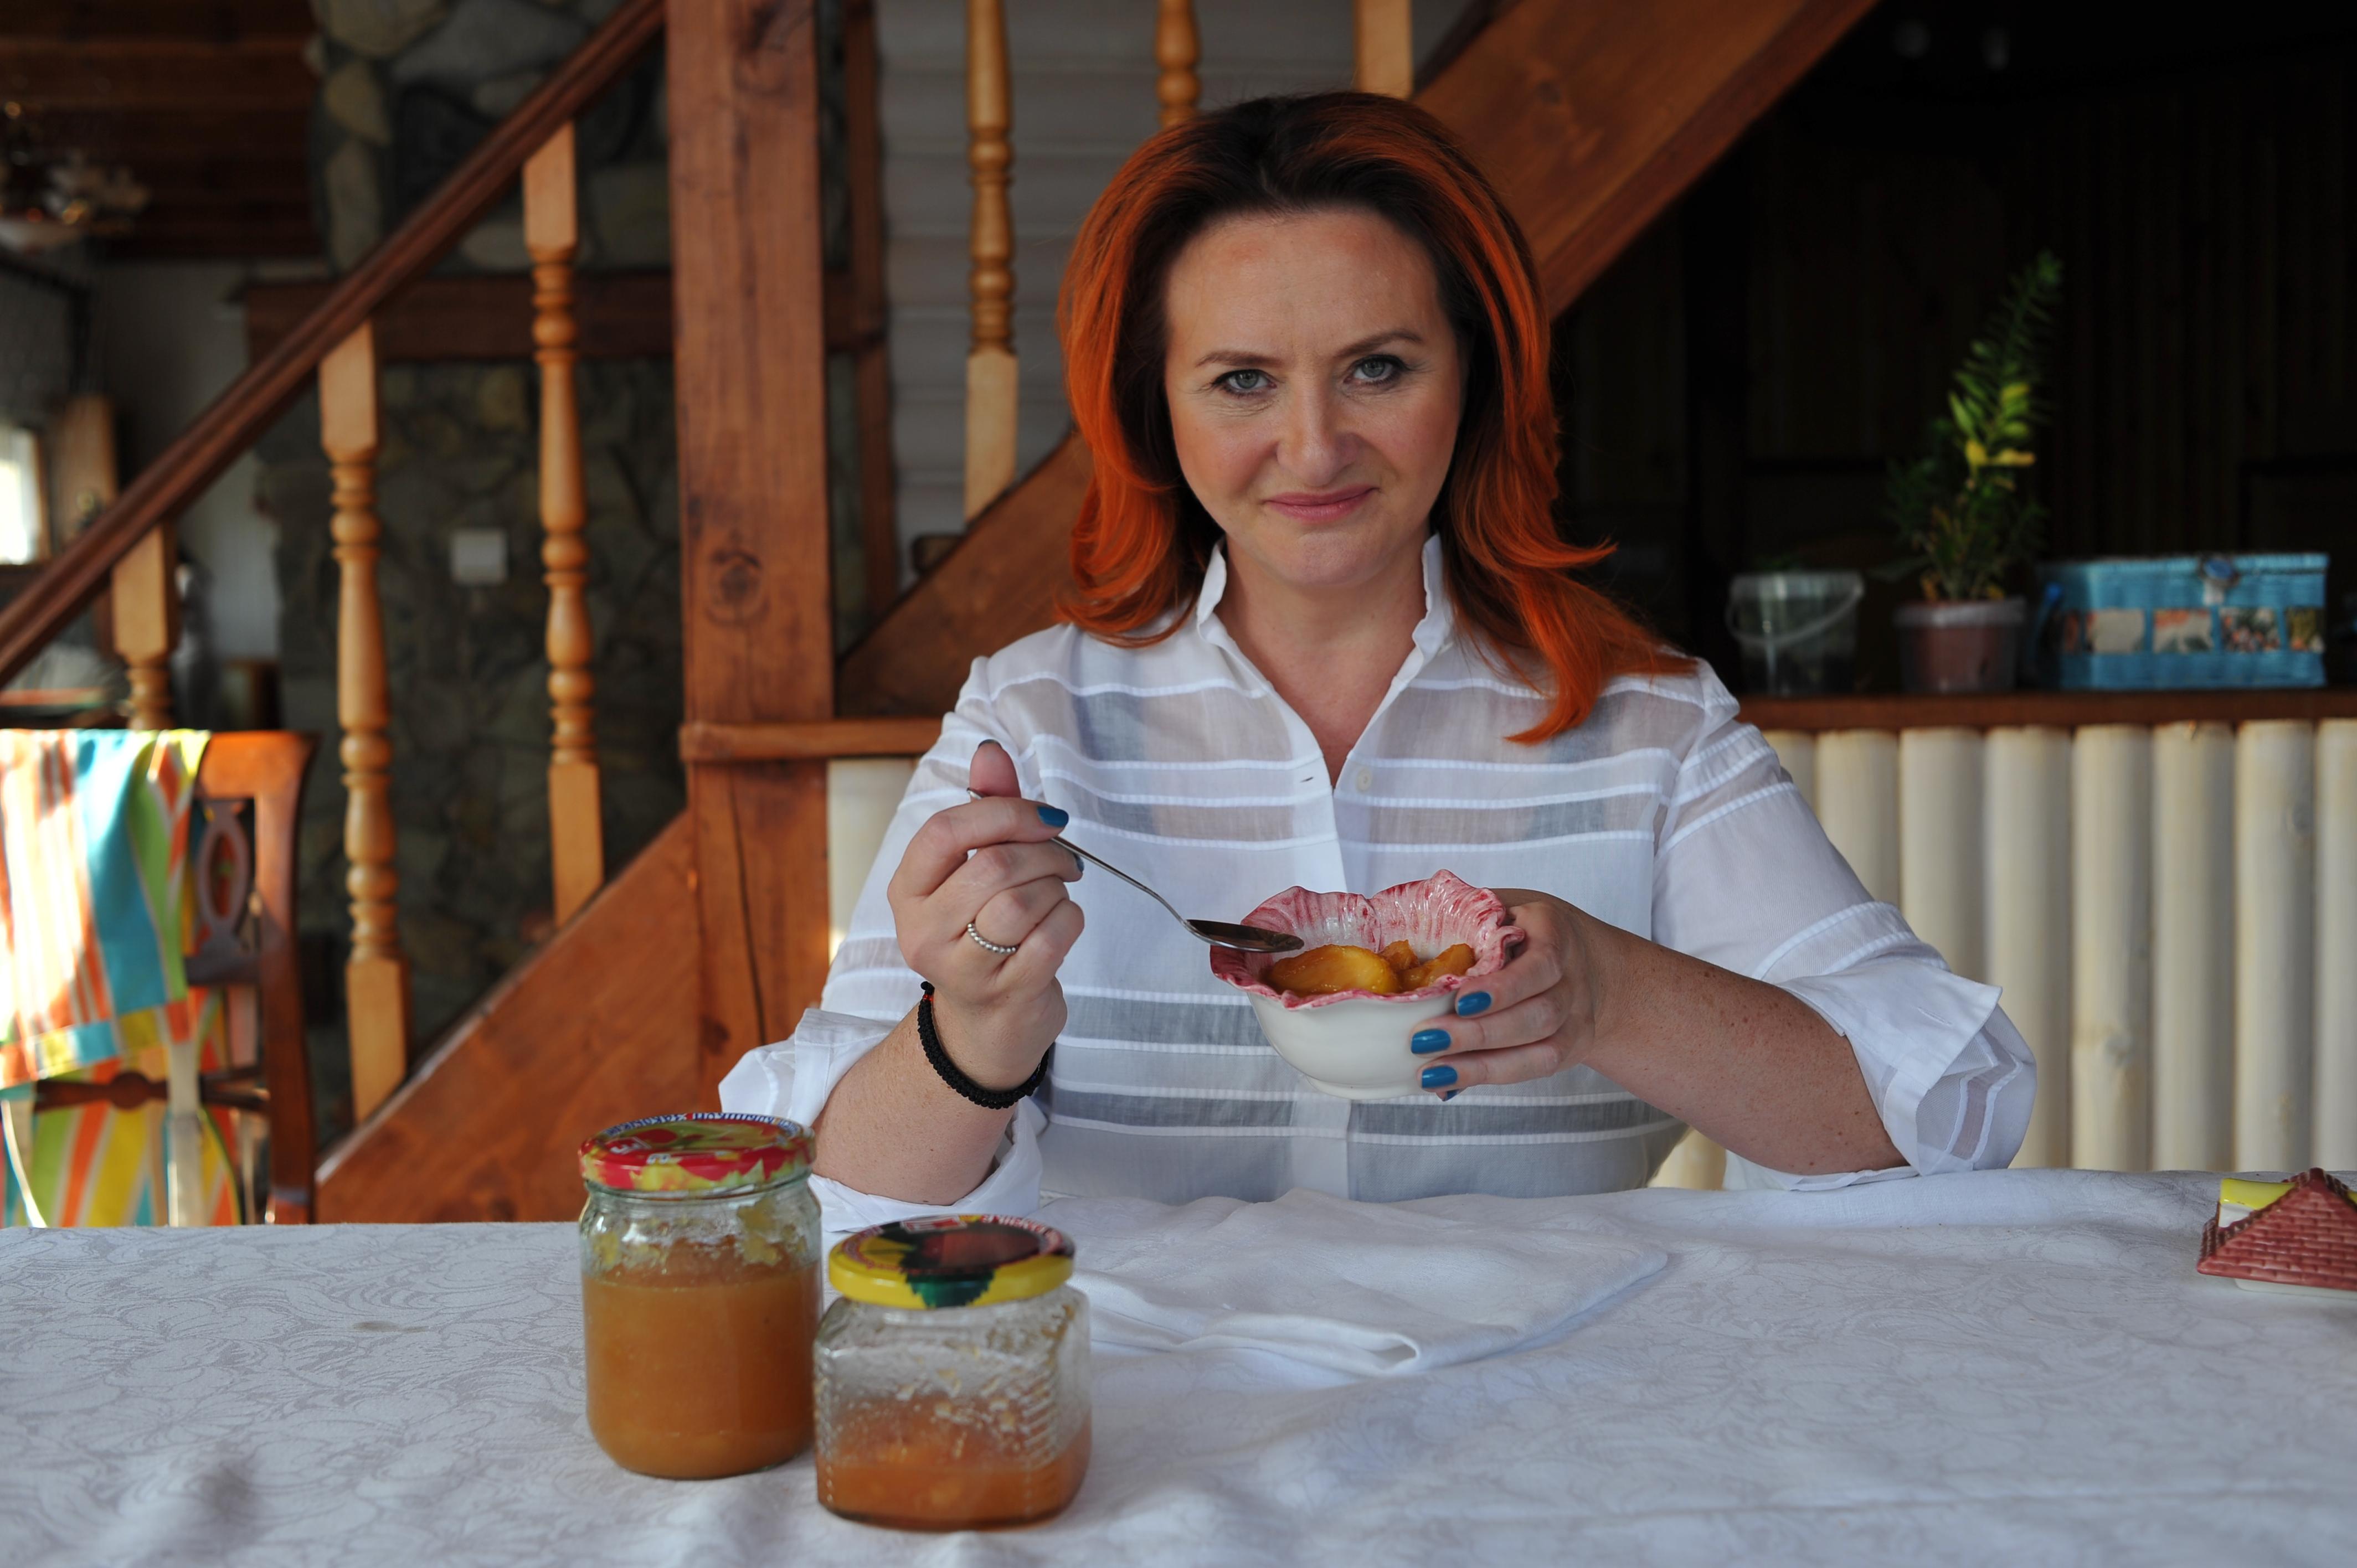 «В состав варенья должны  входить только фрукты и сахар. В принципе допустим пектин – это тоже натуральный продукт, который получают из яблок или апельсинов, очень полезный. Больше ничего в варенье быть не должно» Фото: Виктор ГУСЕЙНОВ